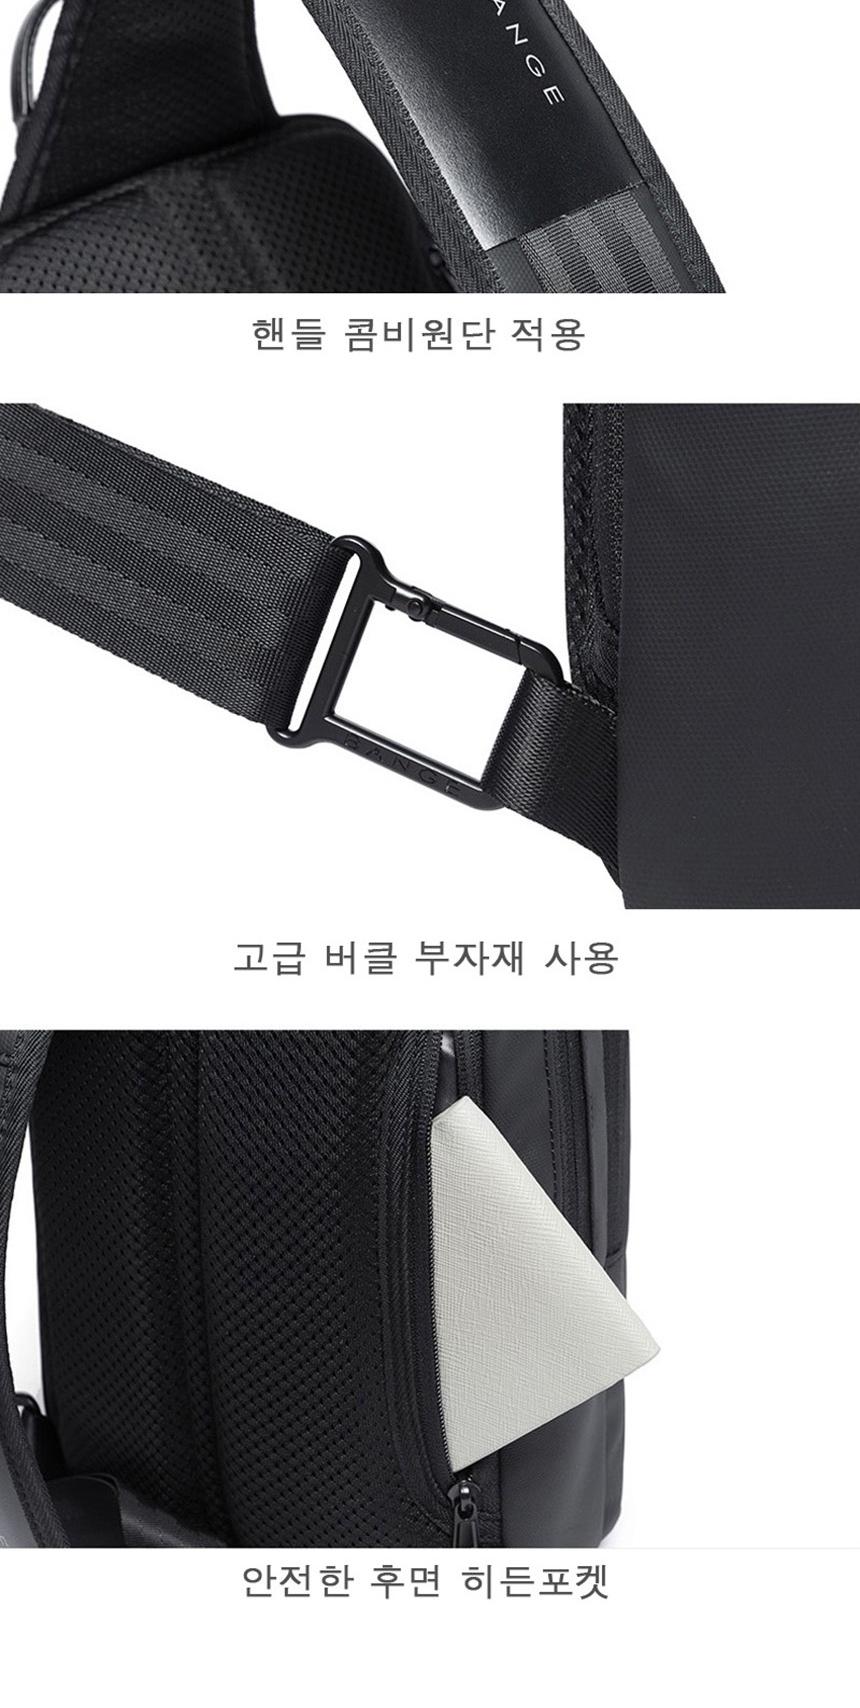 스퀘어백,슬링백,여행크로스백,바디백